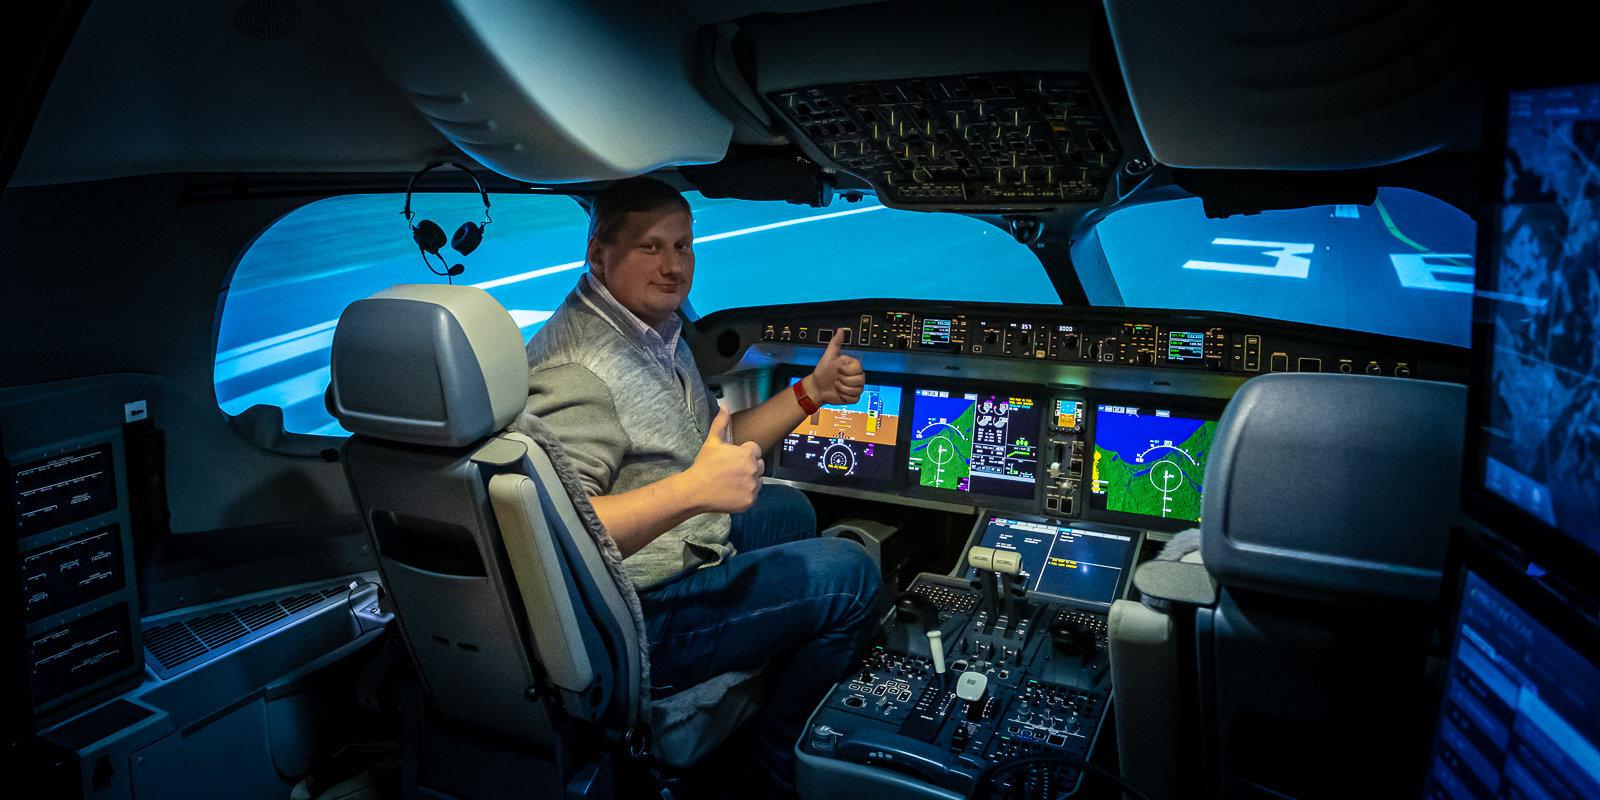 Kā 10 minūtēs sadauzīt virtuālu 'Airbus'